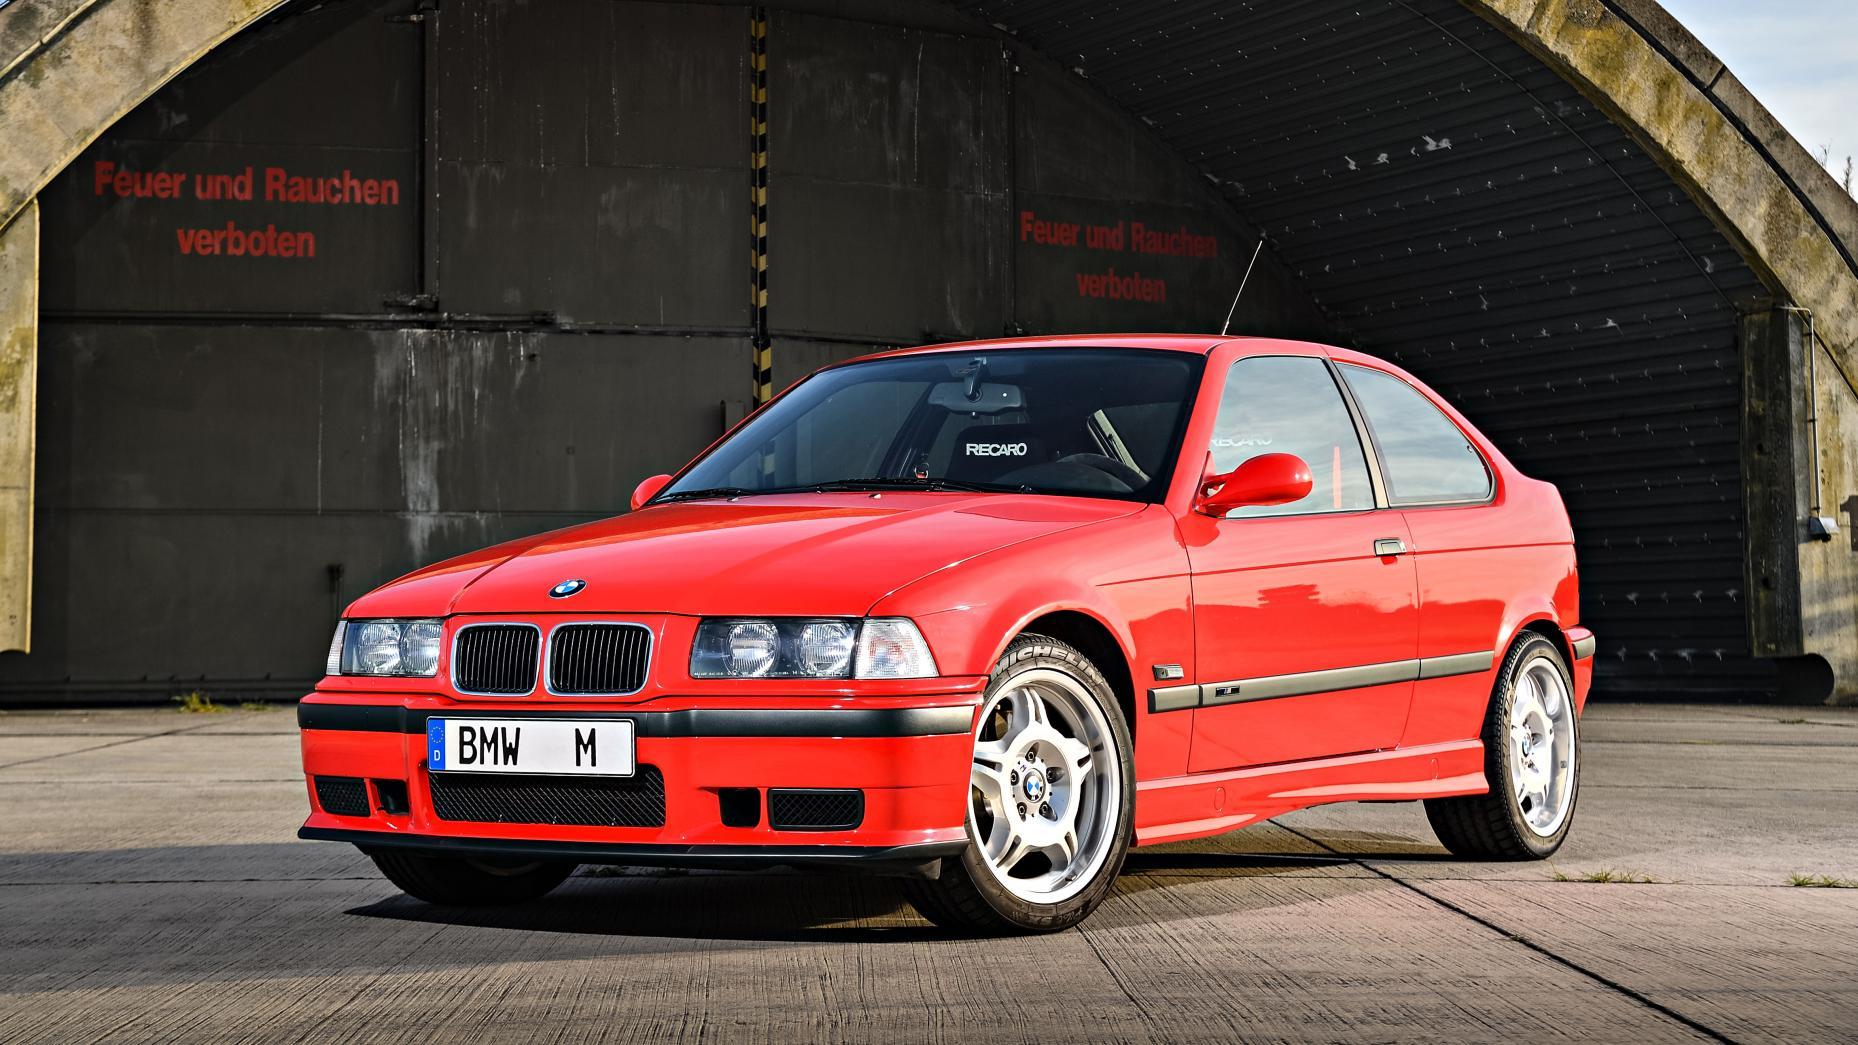 BMW M3 Compact (e36) – 1996